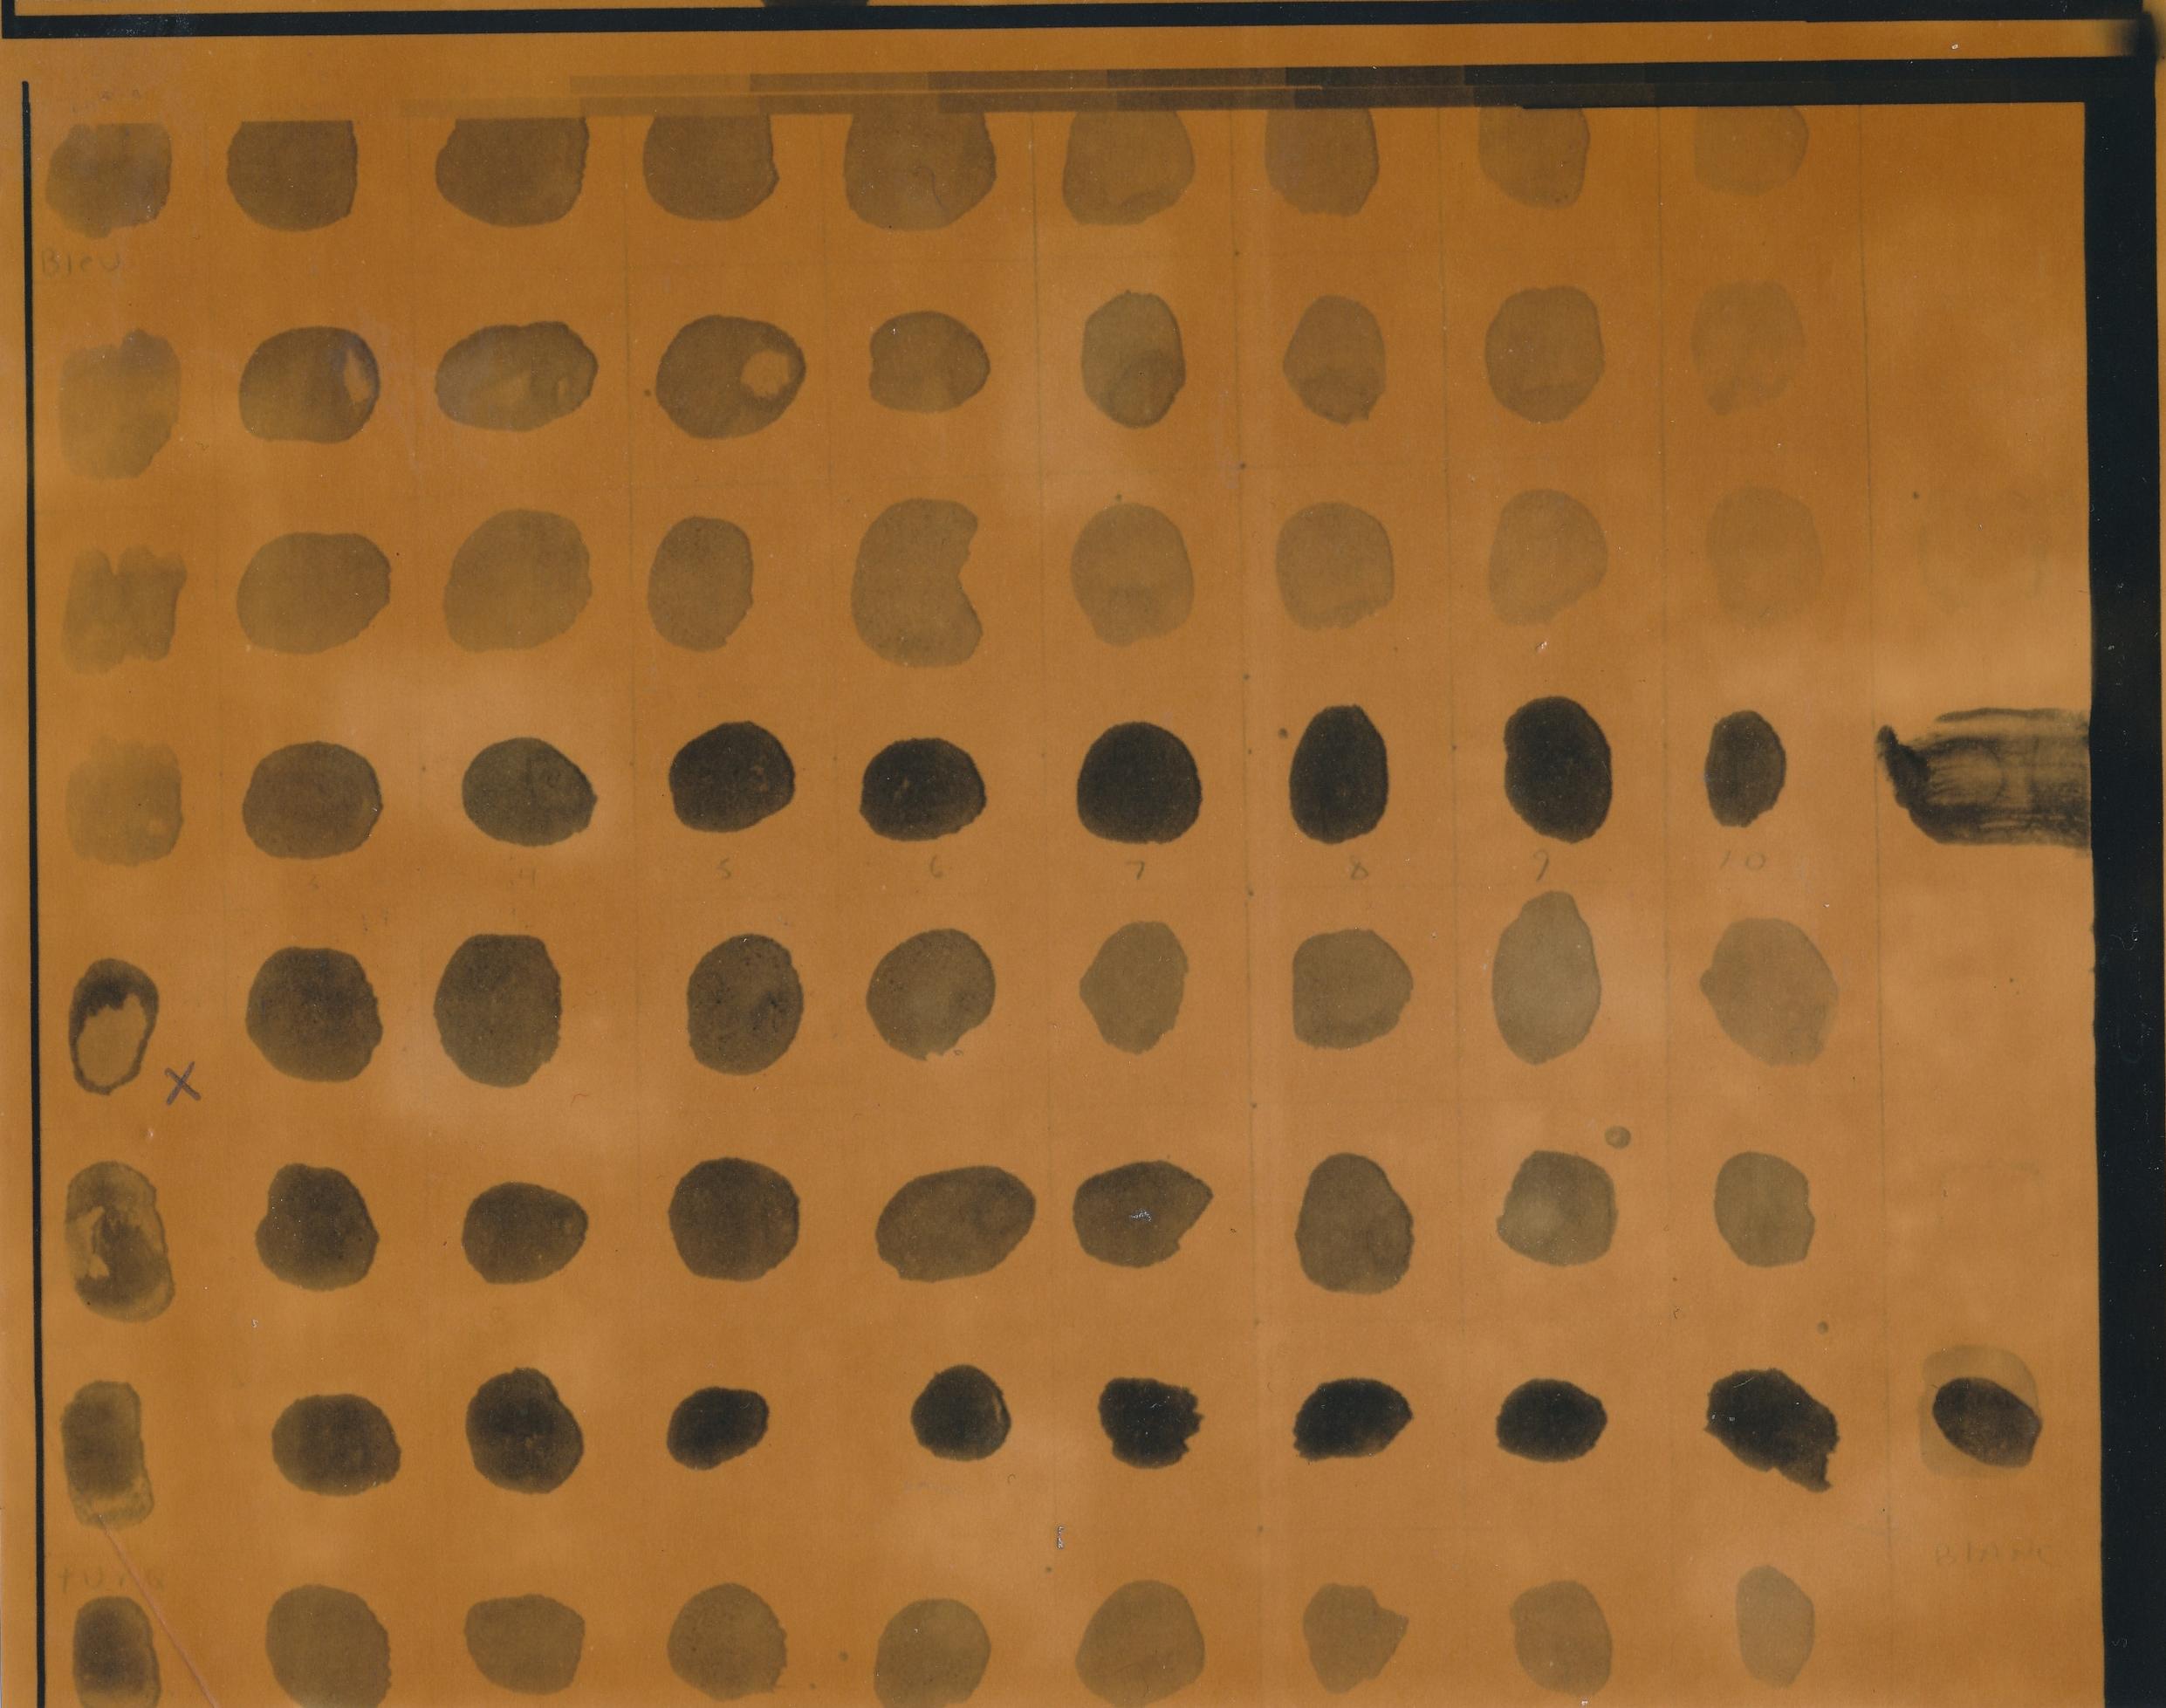 Document passé dans la machine photolaser : Test de couleurs 1. /  © Yvon Gallant 1982